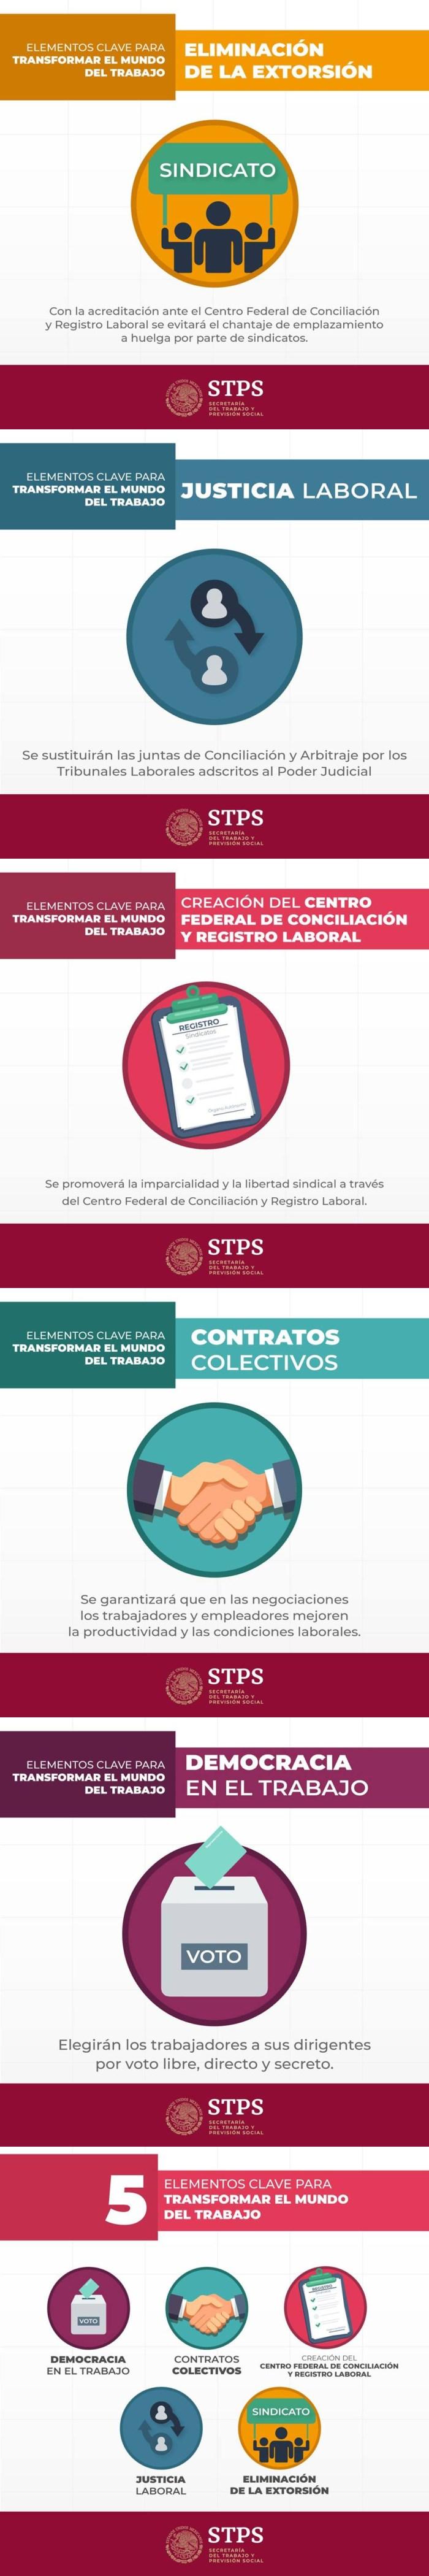 #ReformaLaboral